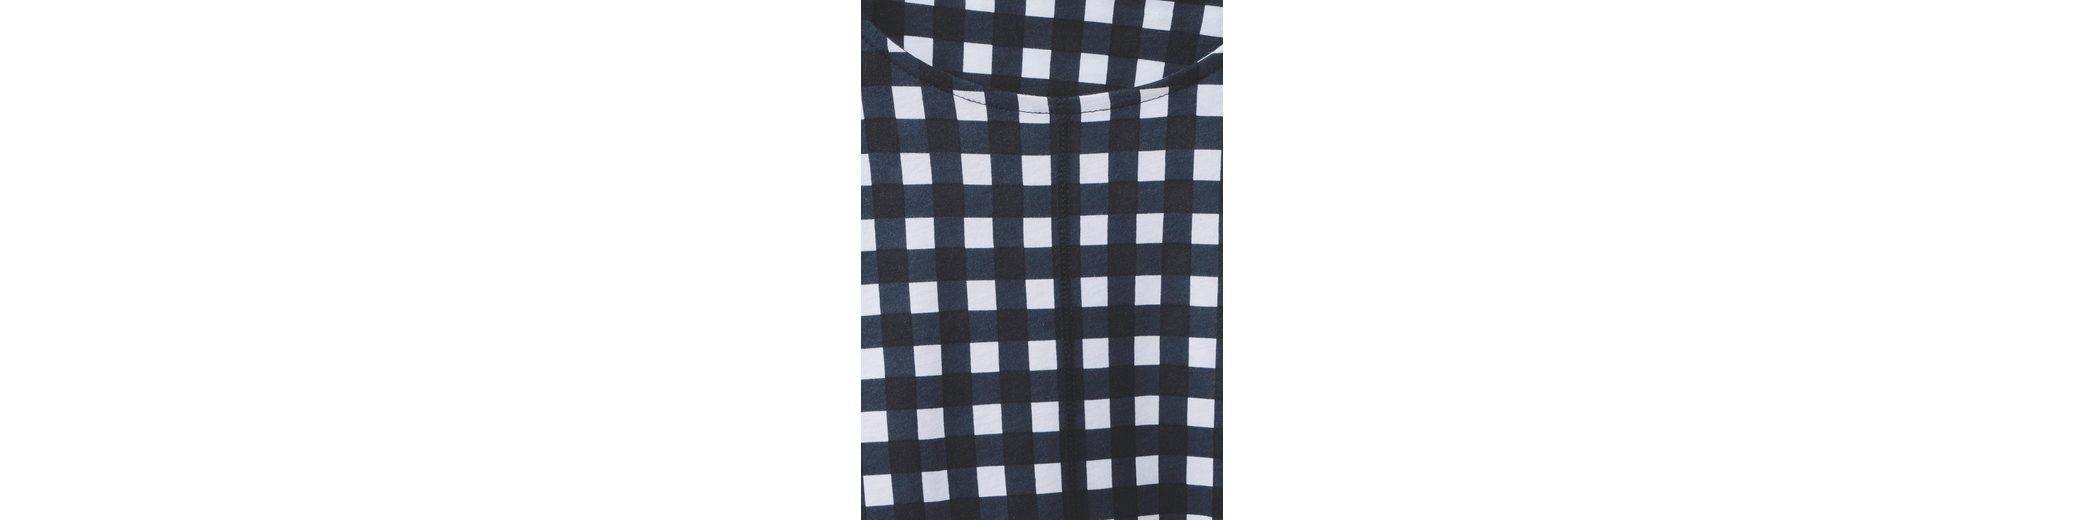 CECIL Weiches Karo-Design Shirt Auslass Großhandelspreis Freies Verschiffen Der Suche Nach Spielraum Offizielle Seite Erhalten Authentisch Zu Verkaufen Neuesten Kollektionen jnkFUcS4L8